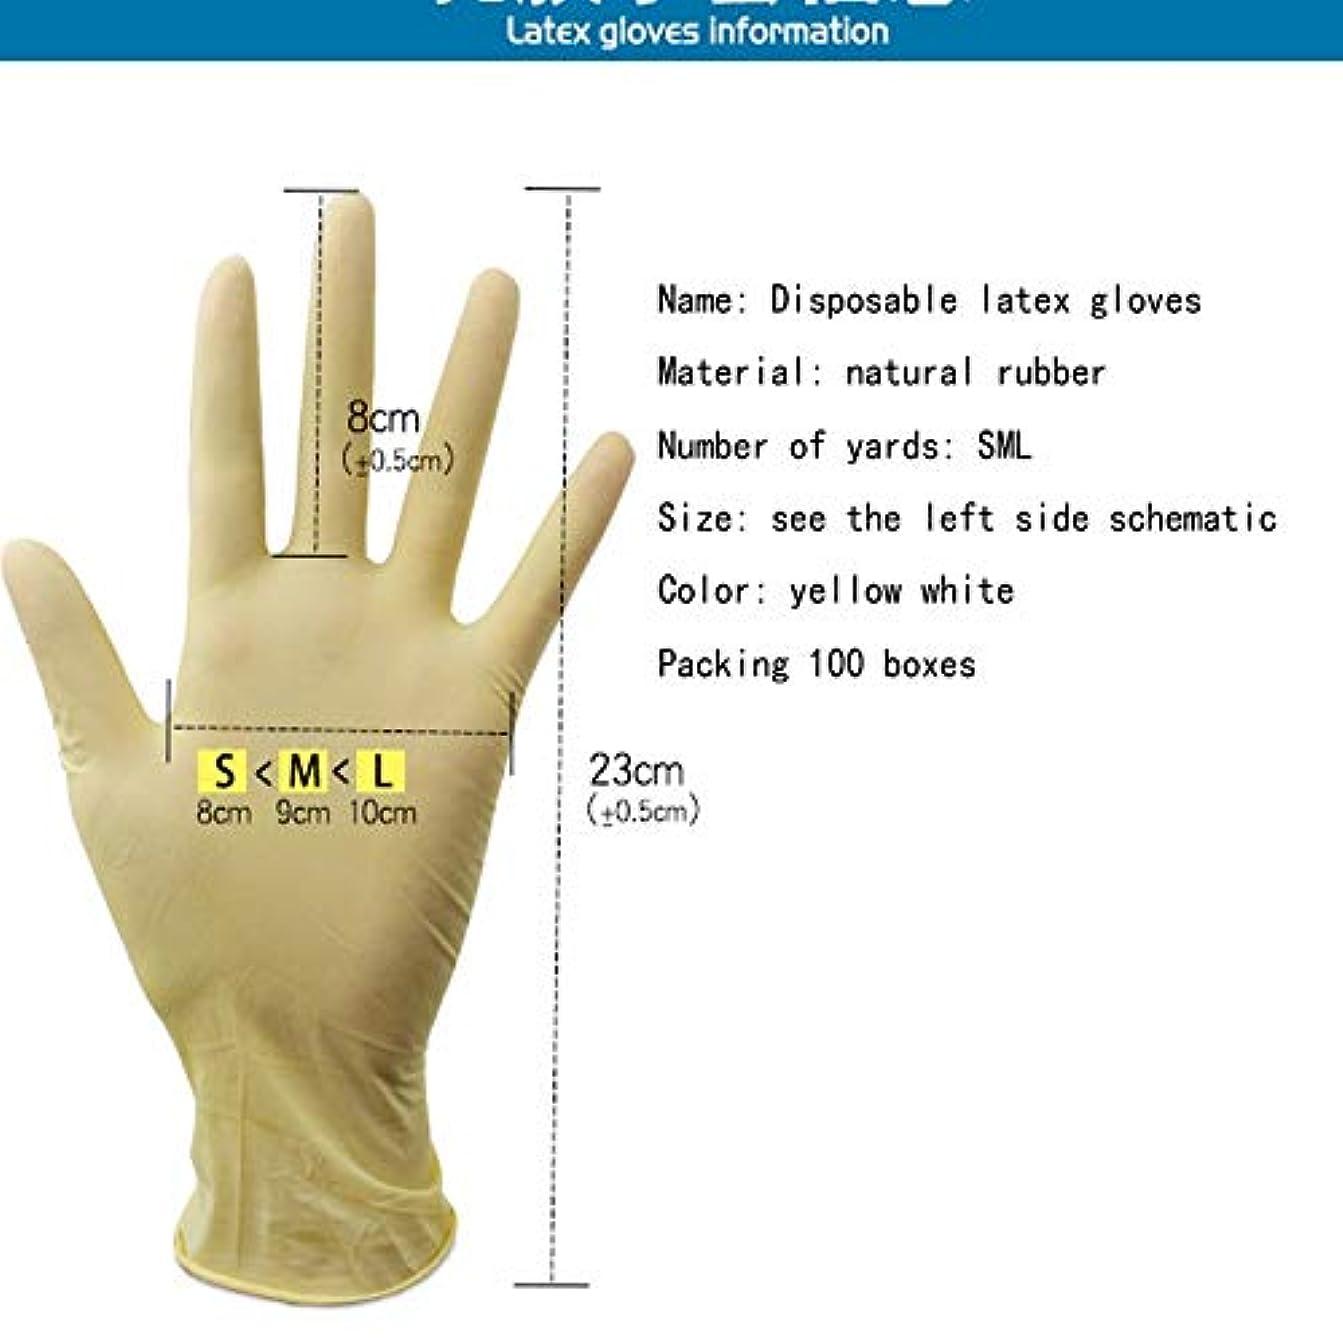 バレエ移動虐殺使い捨て手袋 - これらの使い捨て食品準備手袋はまた台所クリーニング、プラスチックおよび透明のために使用することができます - 100部分ラテックス手袋 (Color : Beige)